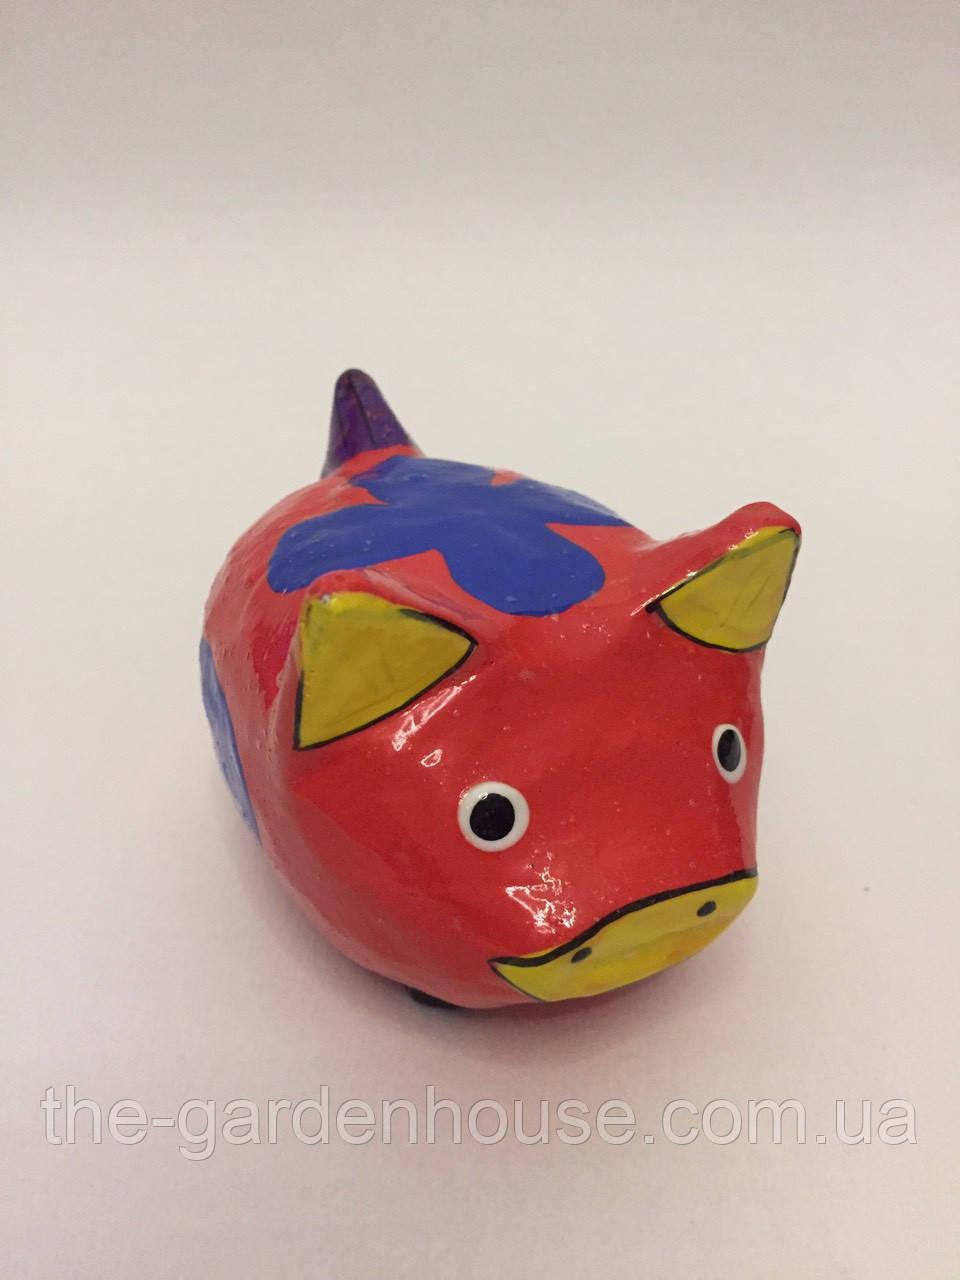 Статуэтка свиньи красная (9 см), символ 2019 года